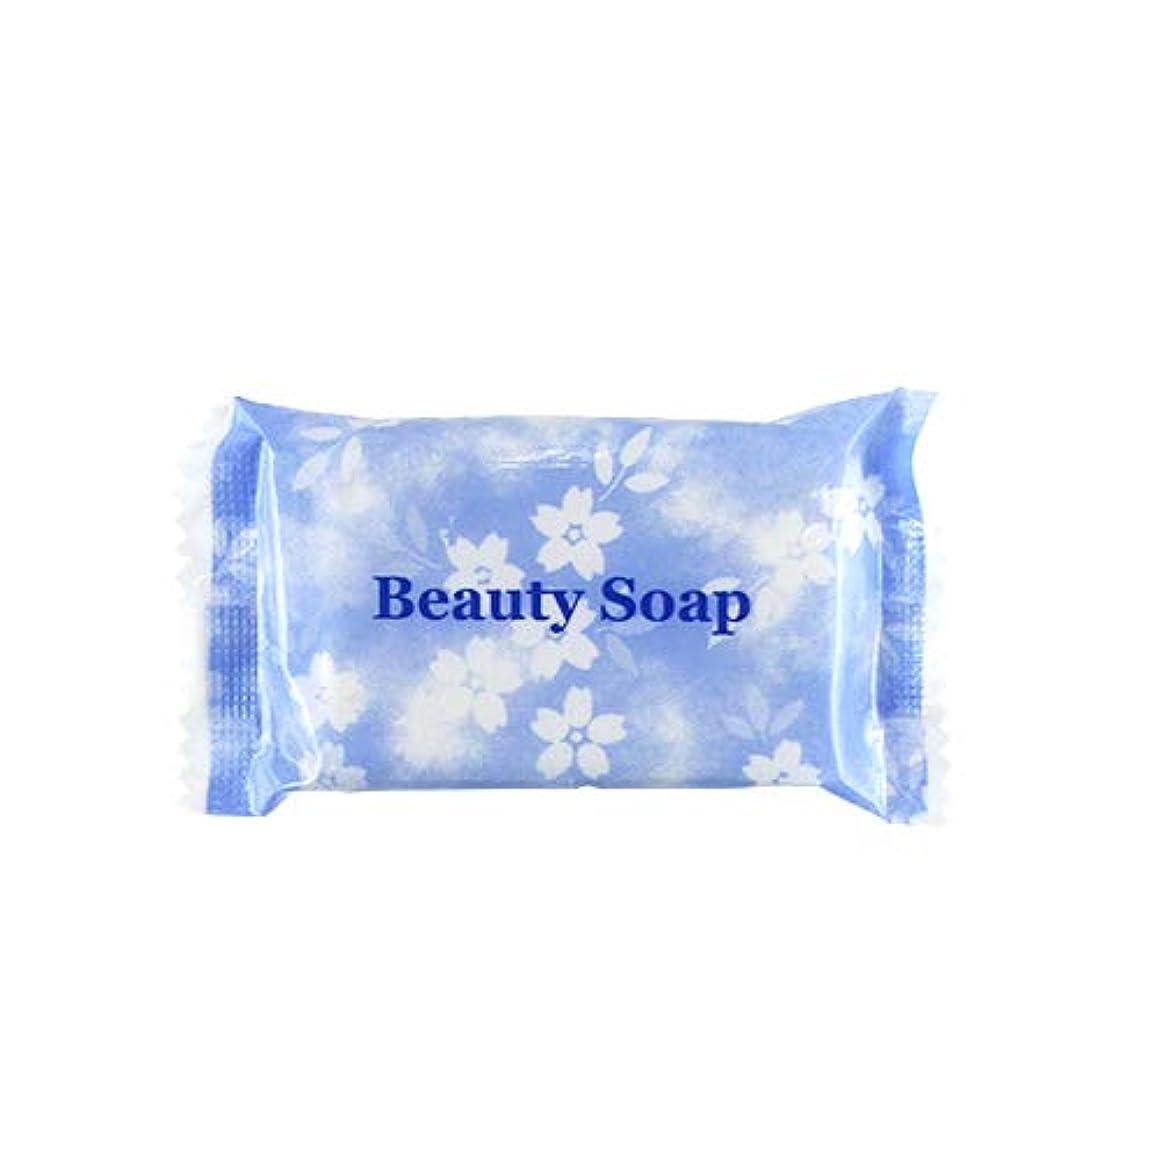 業務用 クロバーコーポレーション ビューティーソープ(Beauty Soap) 15g×100個セット | ホテルアメニティ 個包装